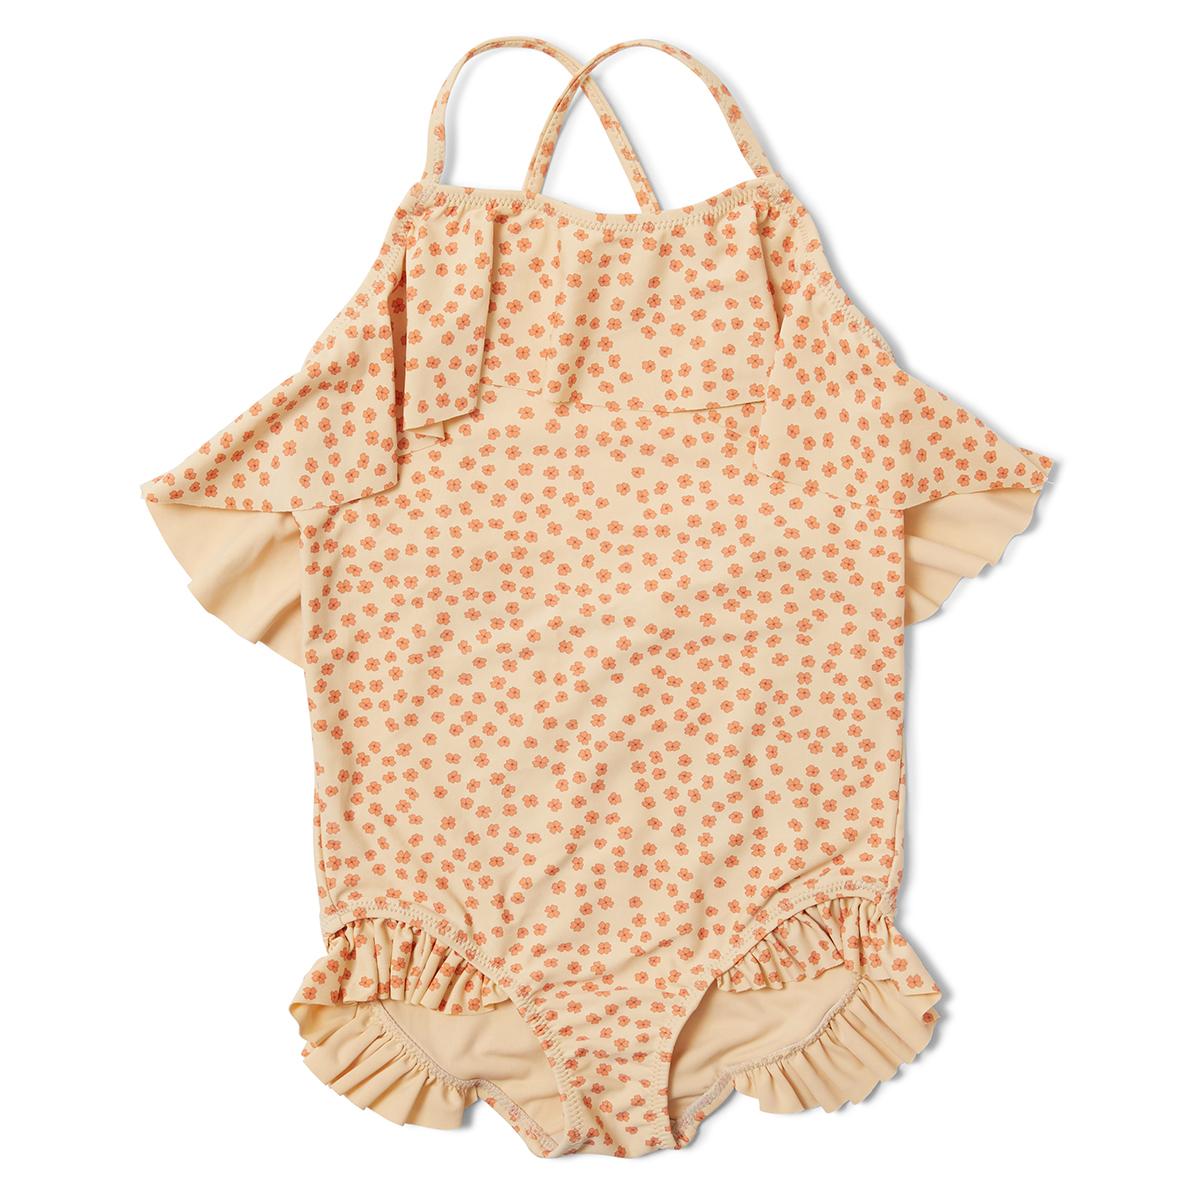 Accessoires bébé Maillot de Bain Manuca Buttercup Orange - 3 Ans Maillot de Bain Manuca Buttercup Orange - 3 Ans